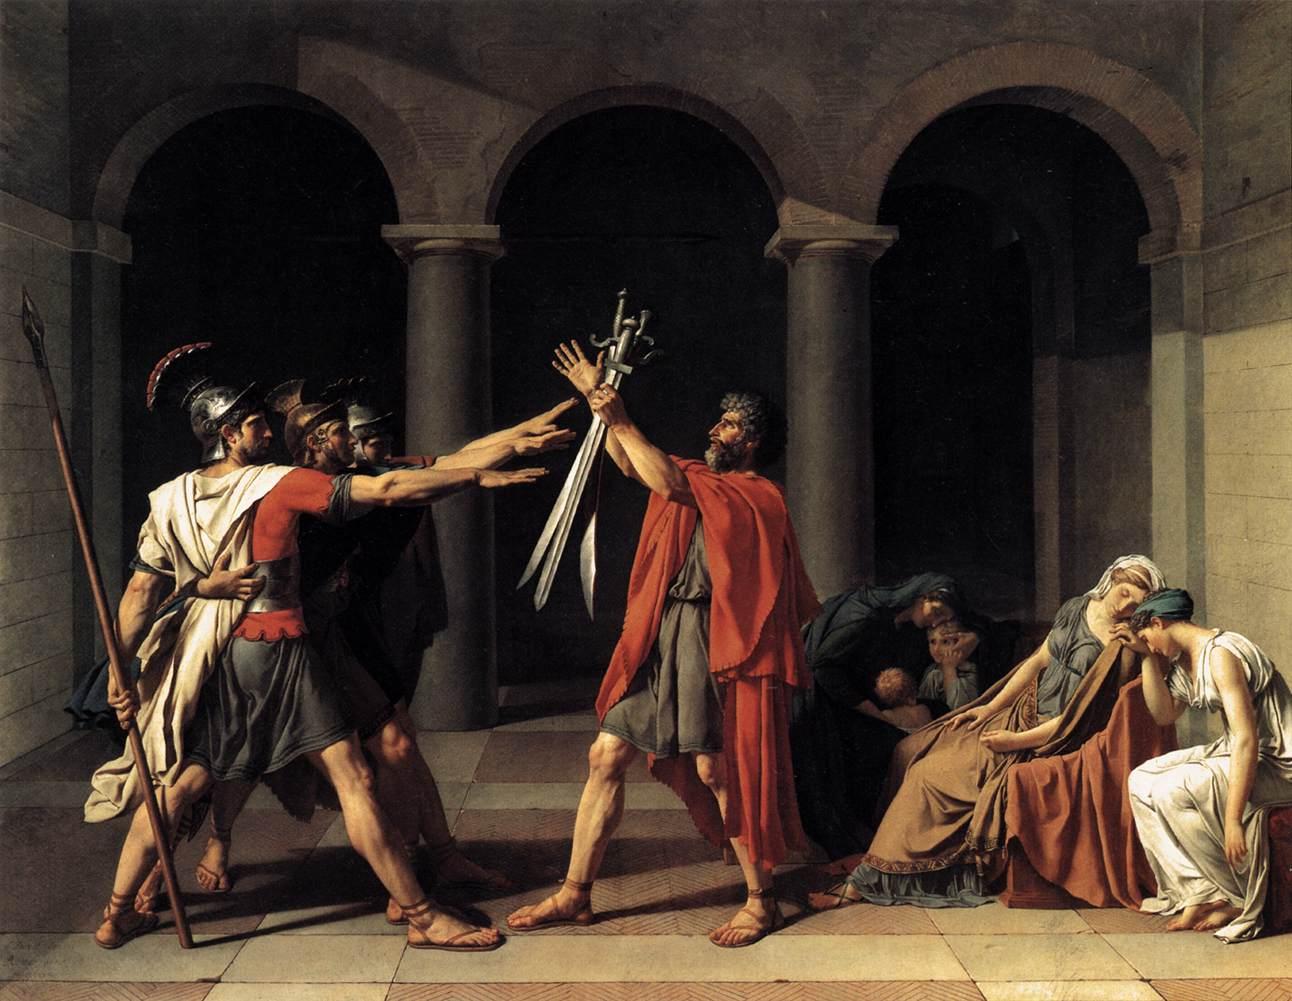 Resultado de imagen de blogspot, Jacques-Louis David (1748-1825), juramento de los horacions